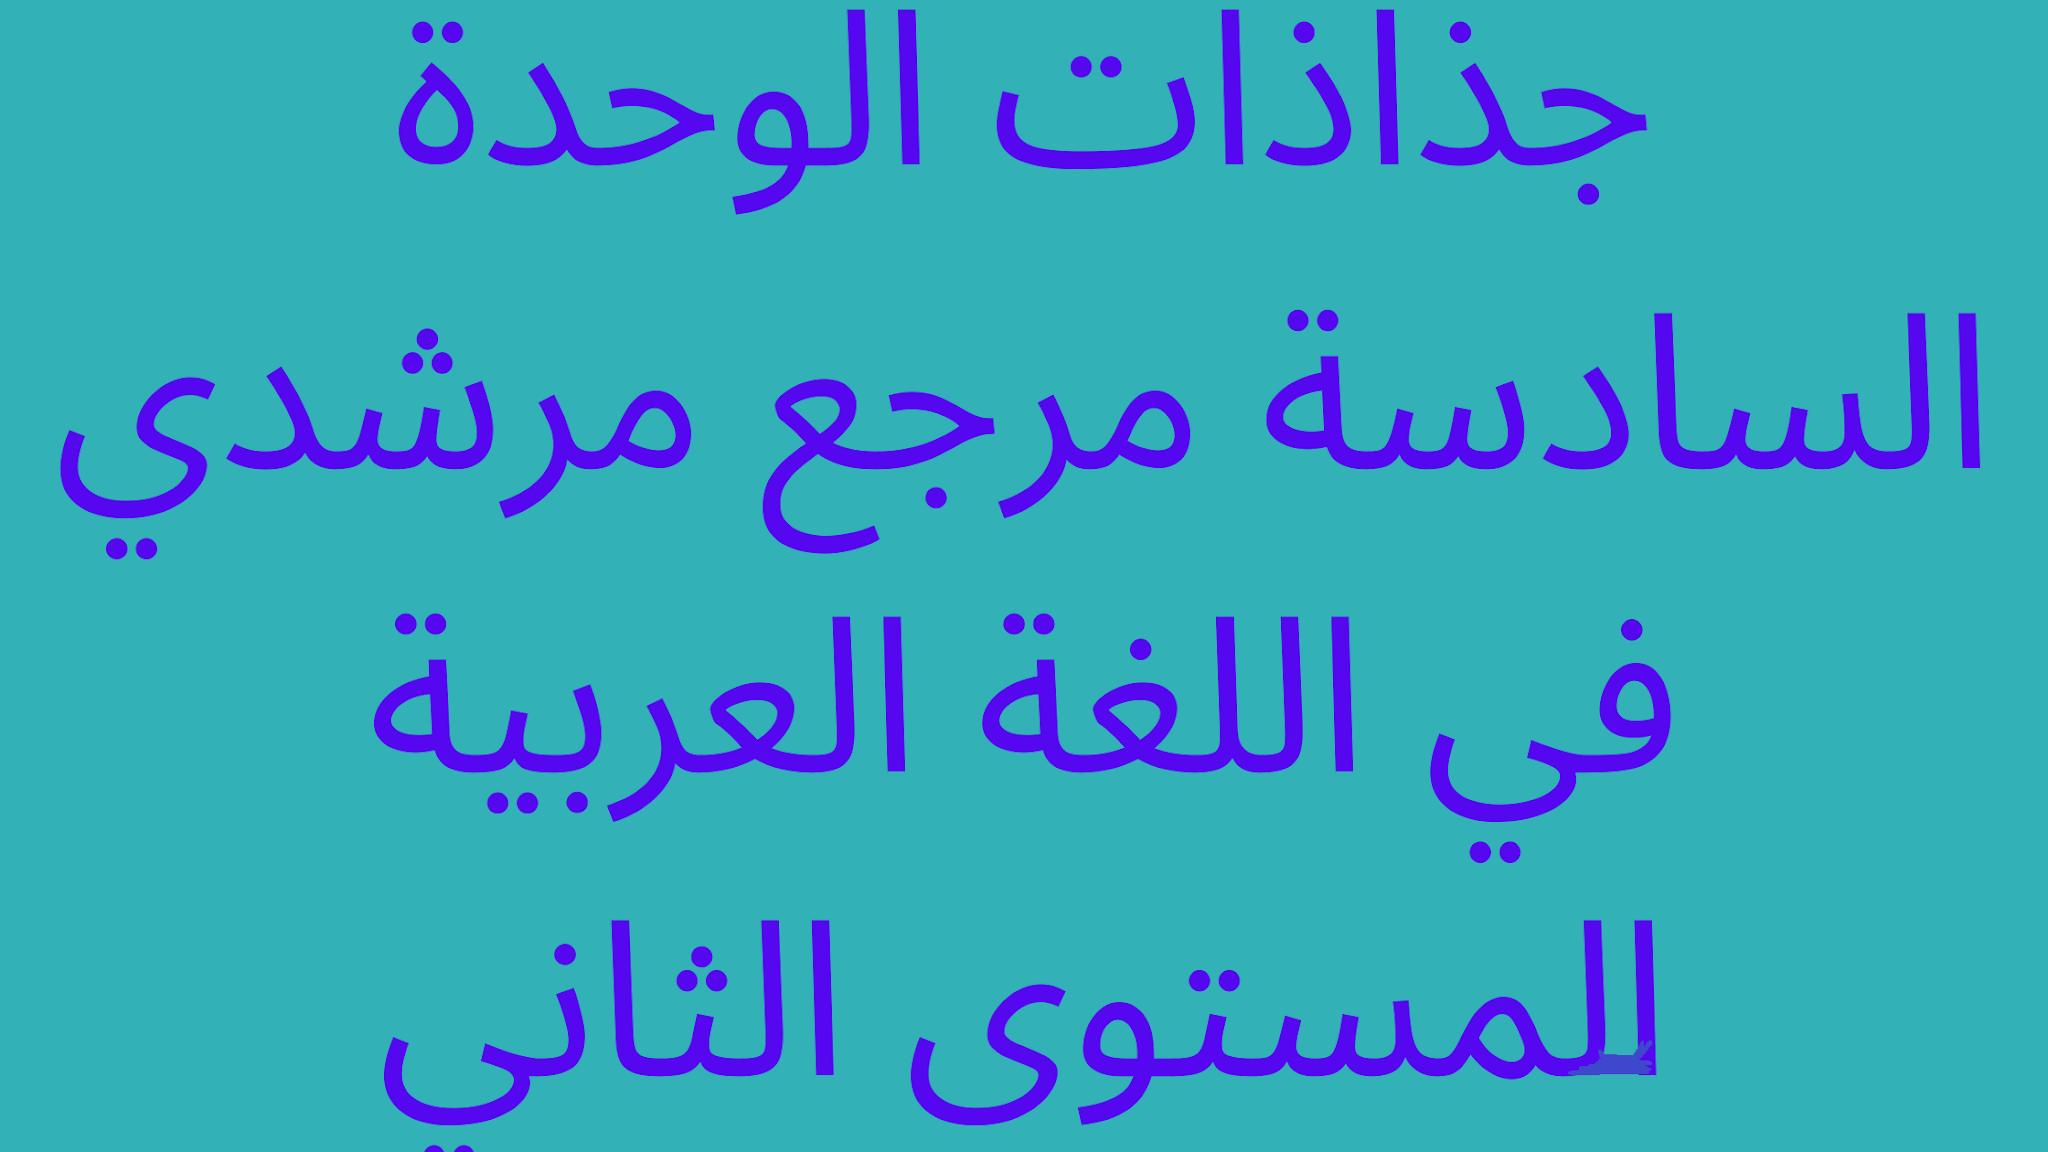 جذاذات الوحدة السادسة المستوى الثاني مرشدي في اللغة العربية